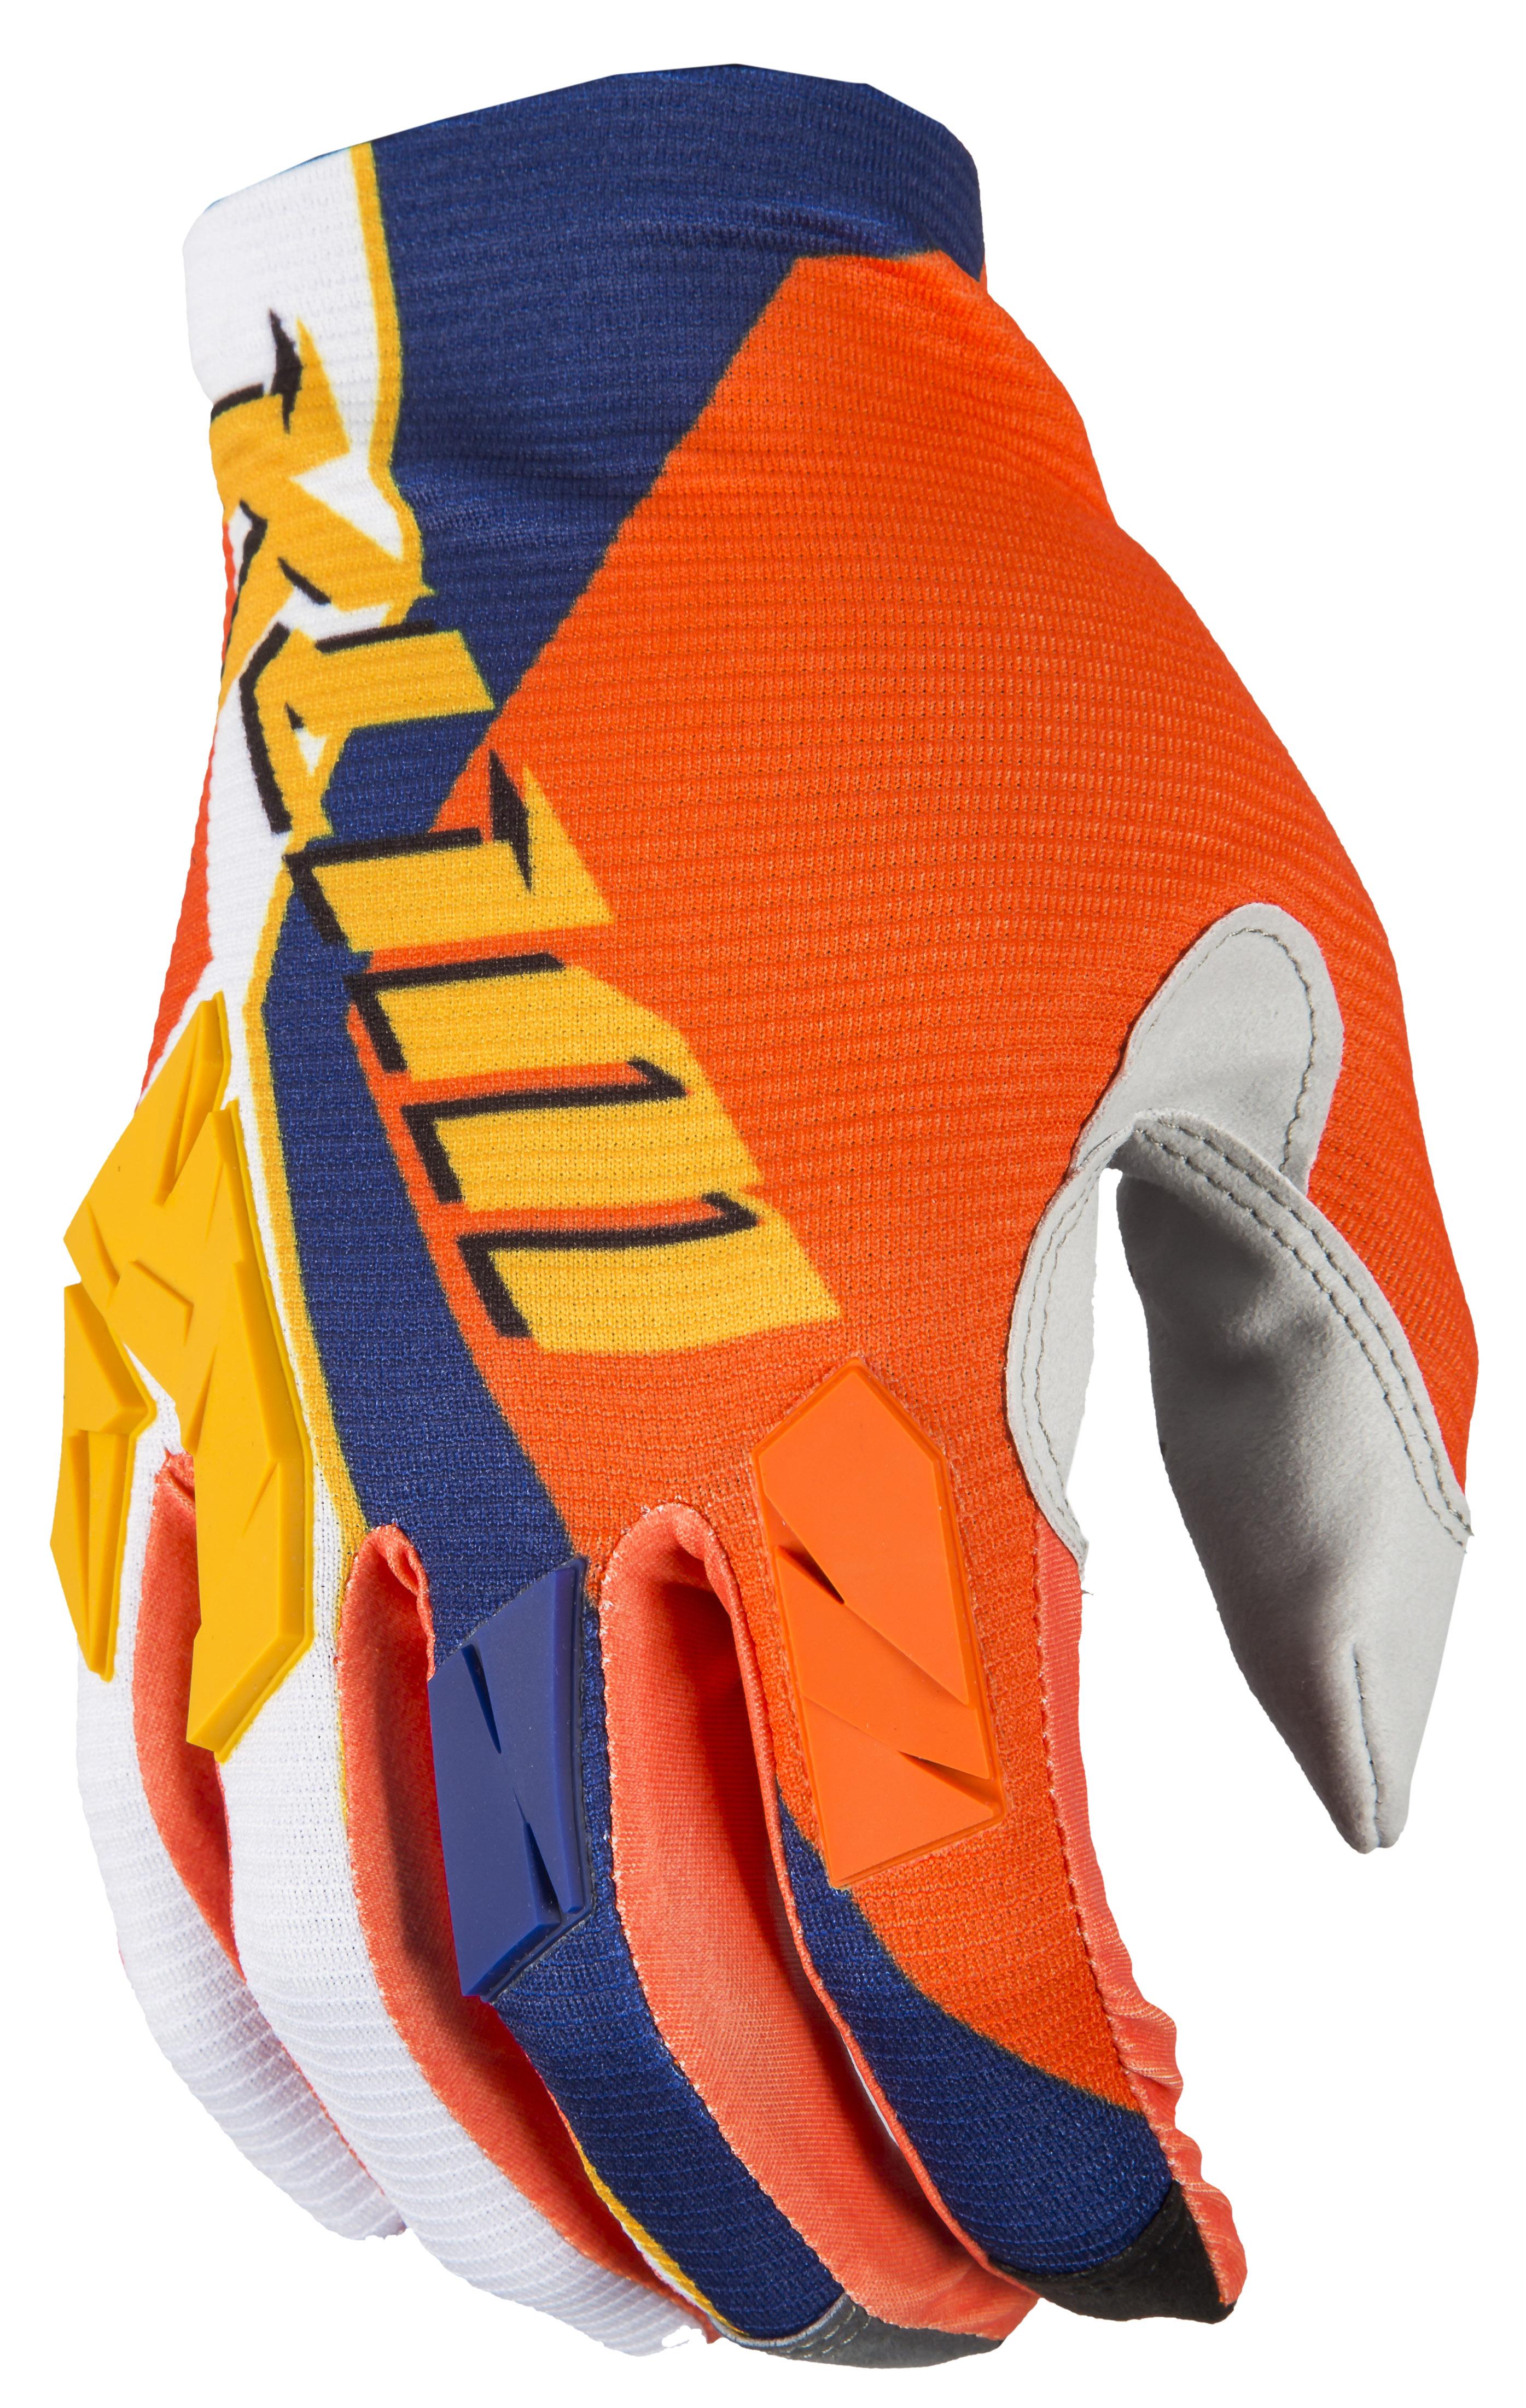 XC LITE Glove 5002-002-400